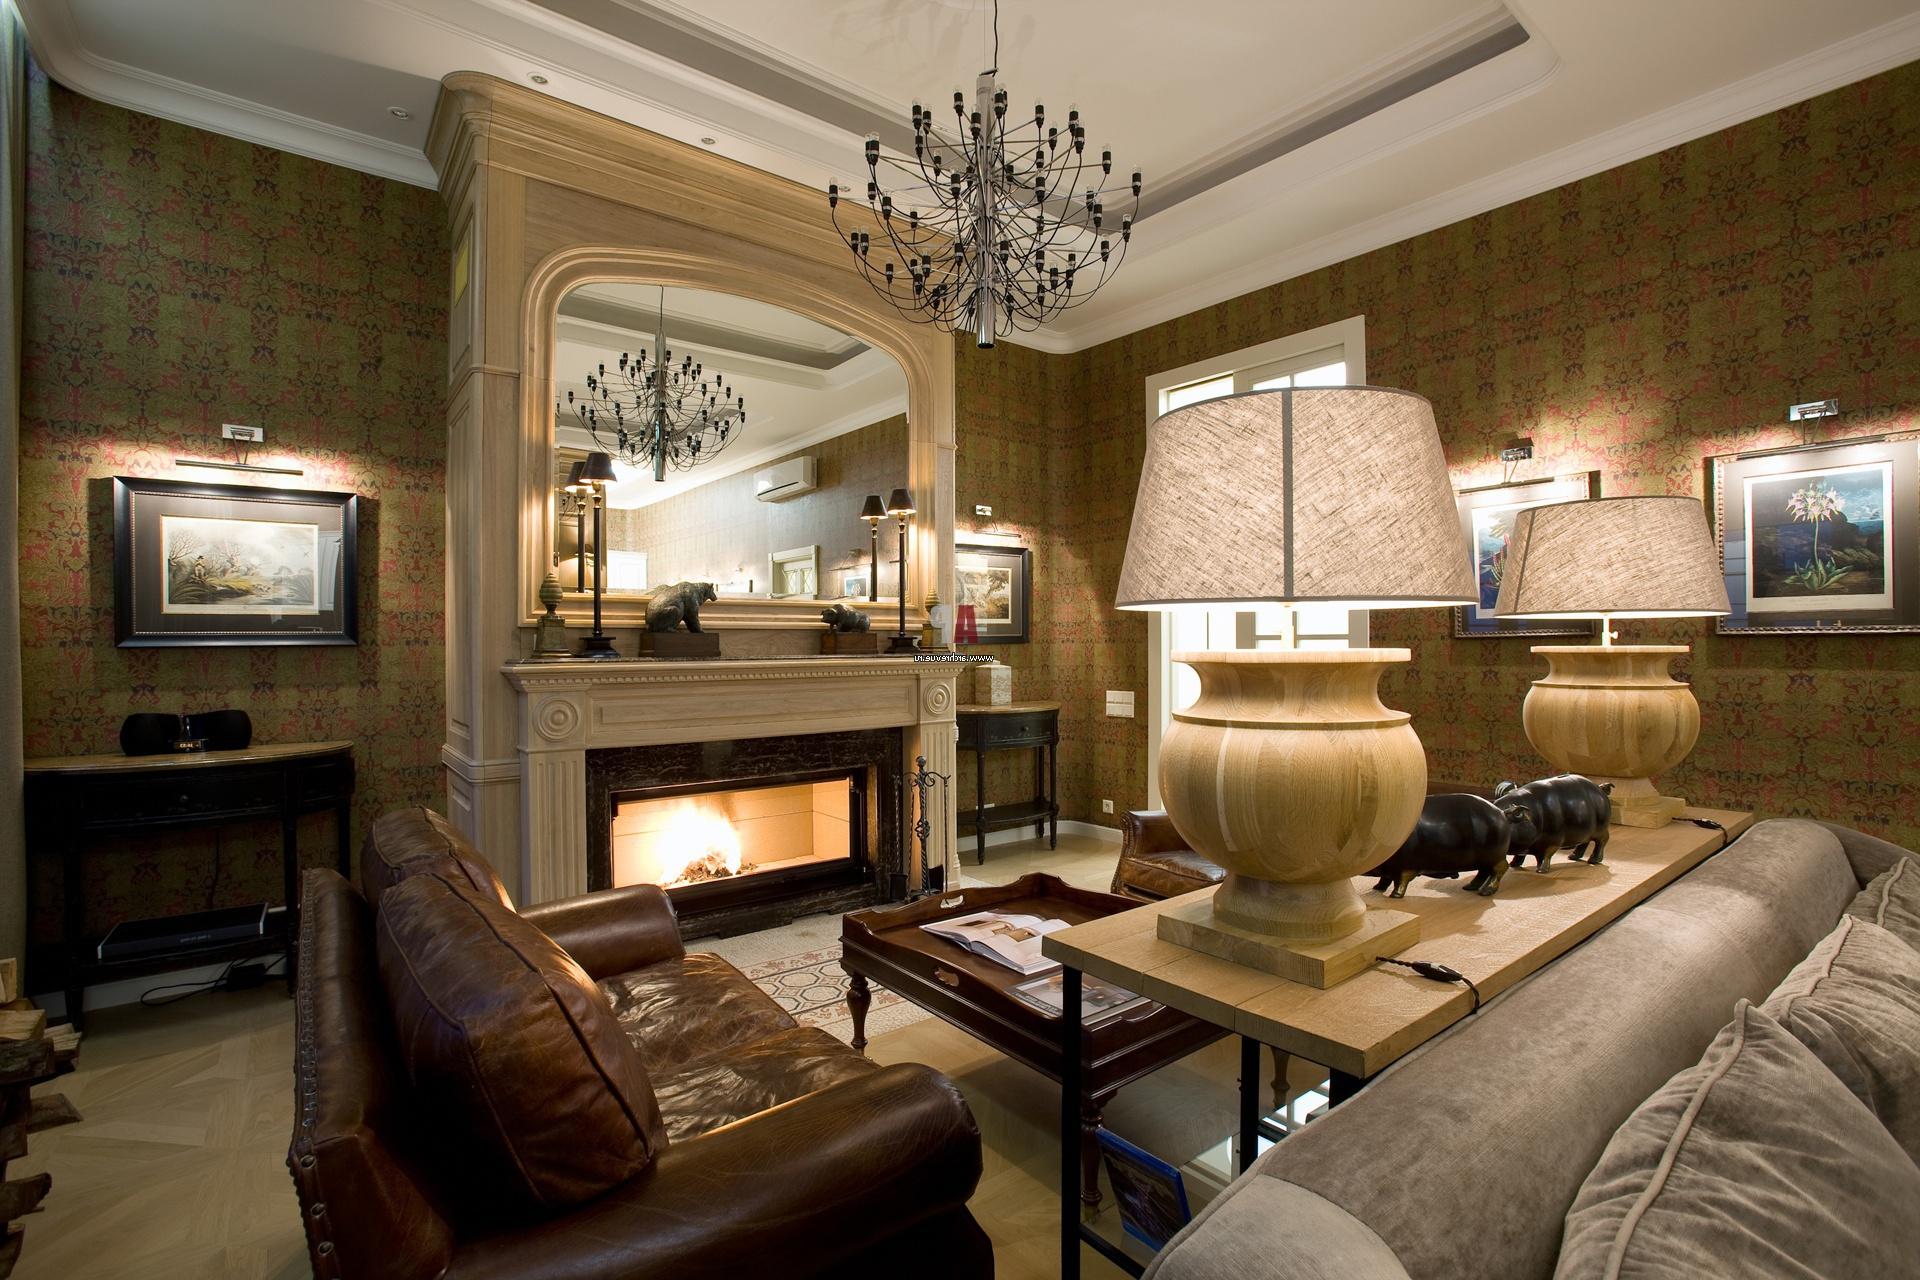 Каждый светильник в стиле модерн выполняет свою функцию и освещает необходимый участок в комнате